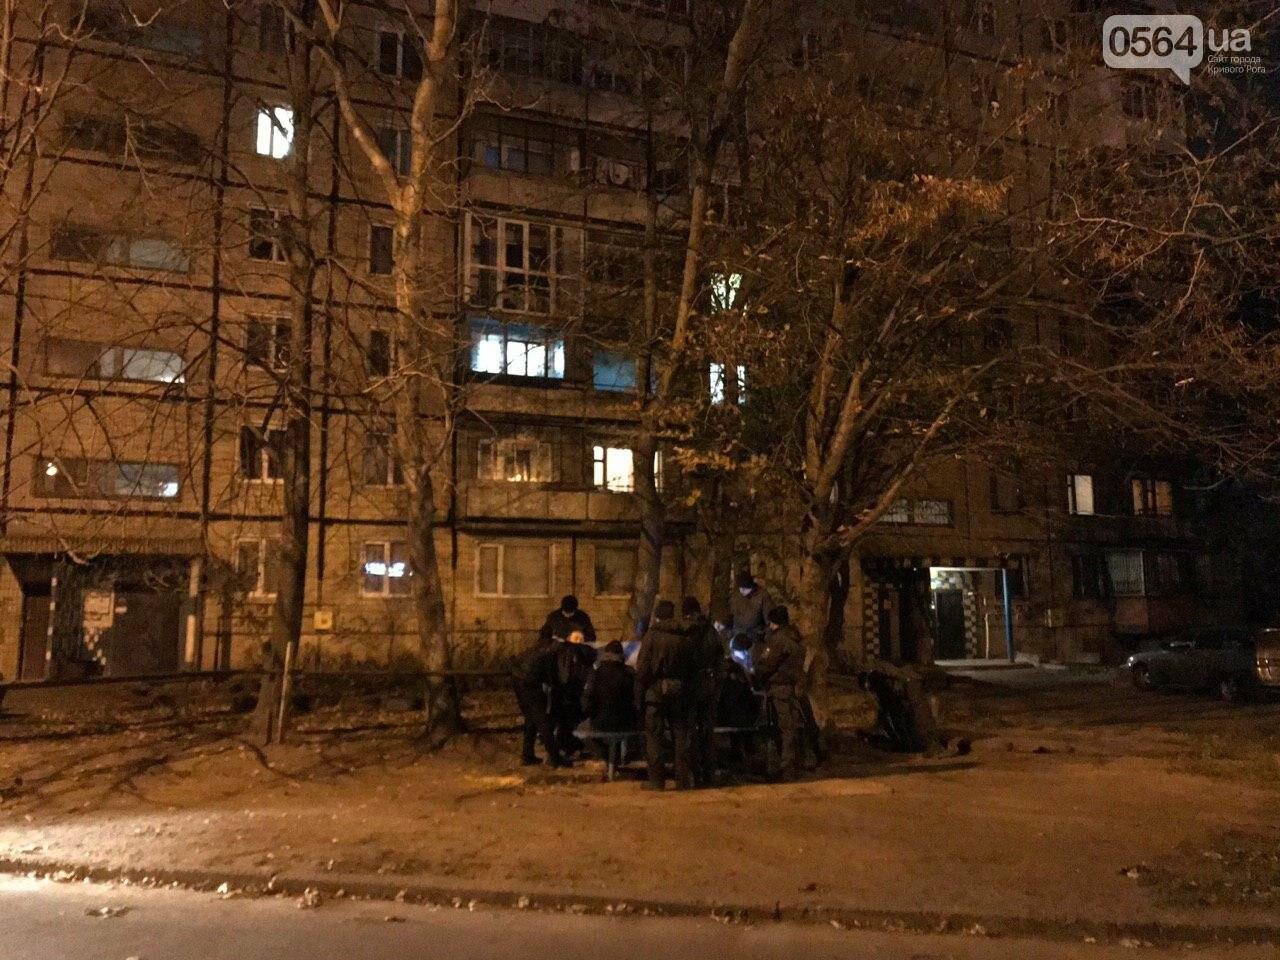 """""""Чувак нашел закладку и мы его задержали"""": криворожане стали очевидцами задержания наркозависимого, - ФОТО , фото-1"""